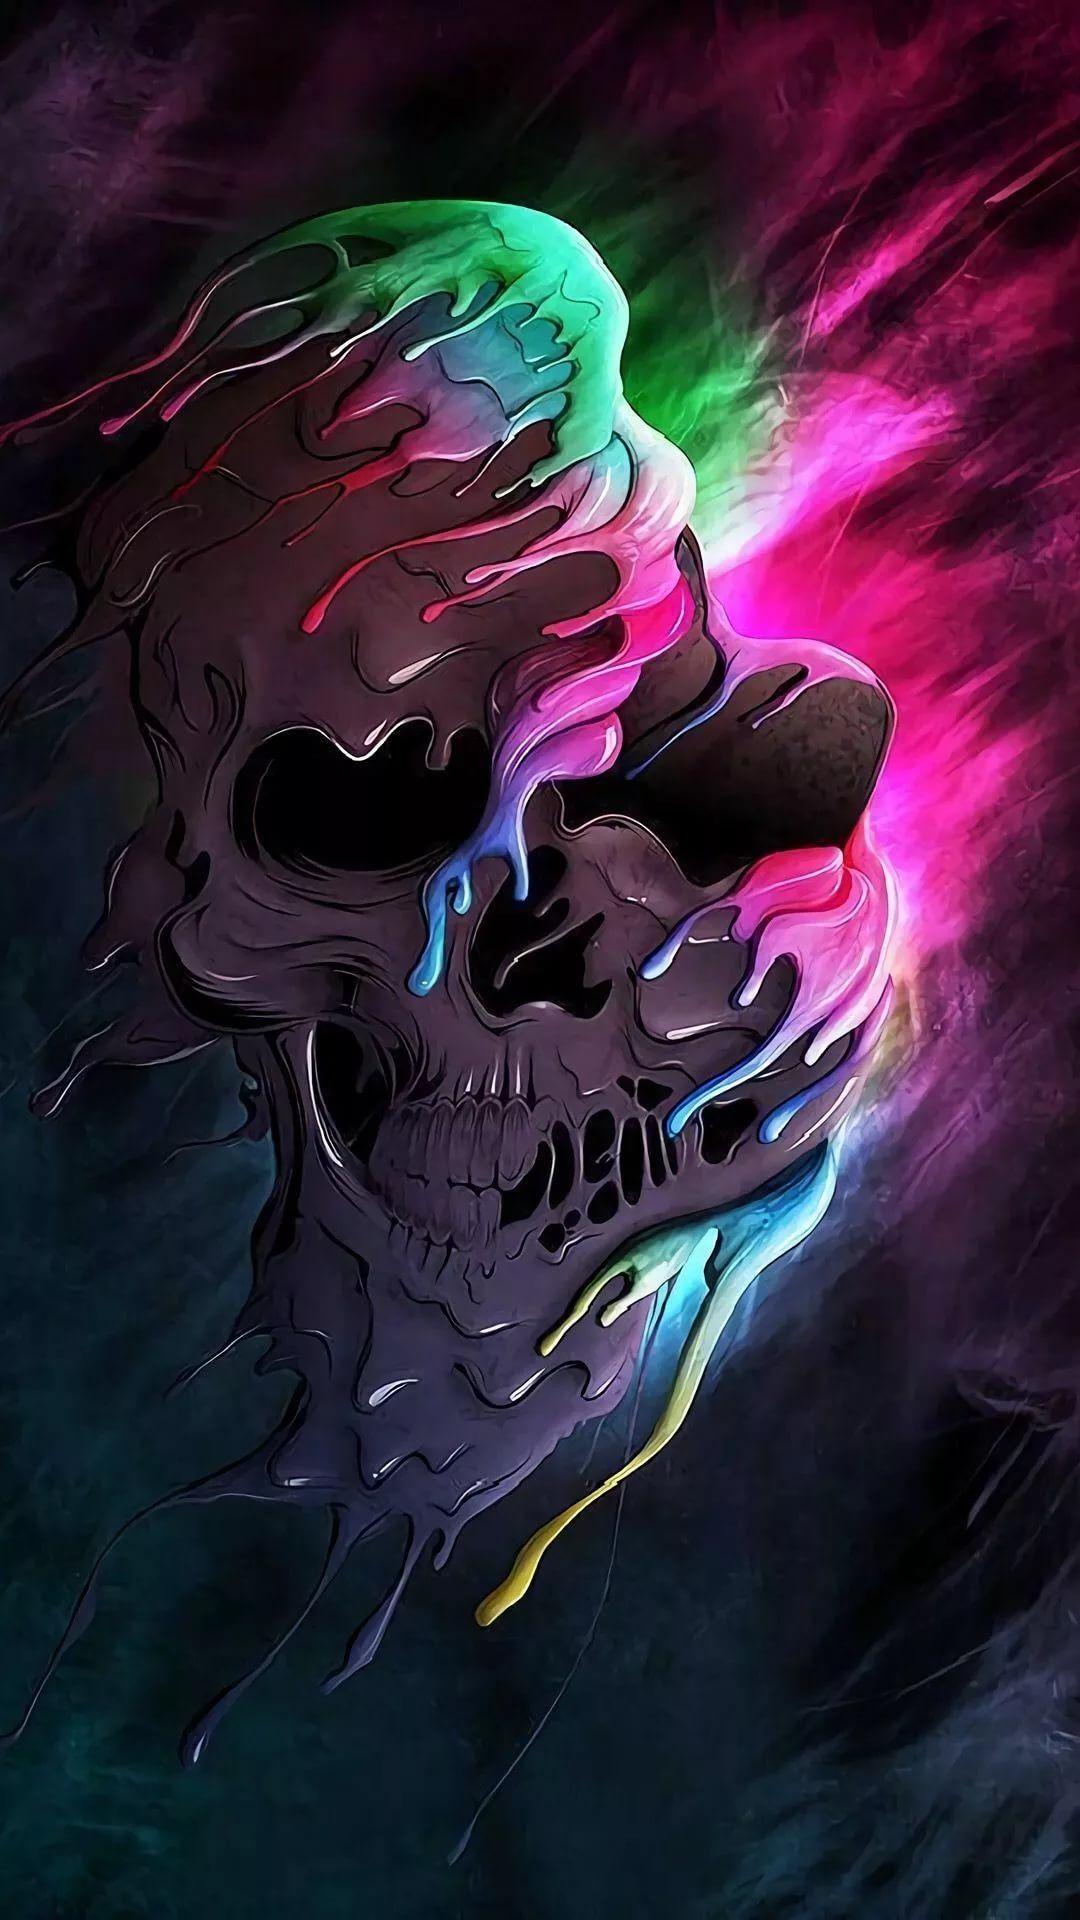 Cool Skull HD wallpaper for mobile